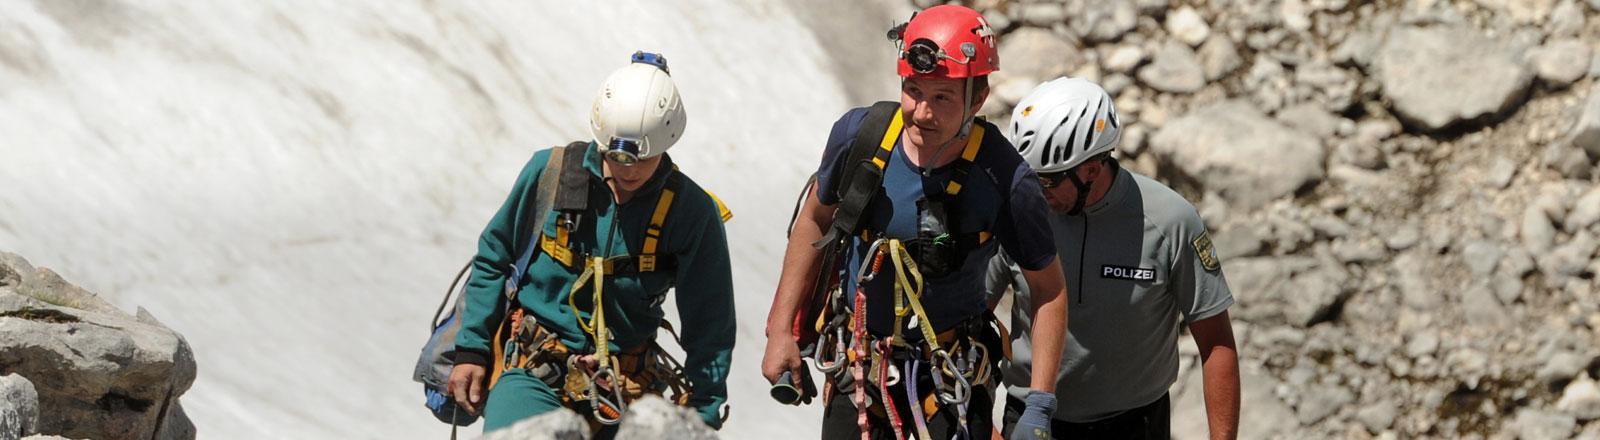 Auf Höhlenrettungen spezialisierte Helfer aus der Schweiz, die kurz zuvor mit dem Hubschrauber gebracht wurden, kommen am 10.06.2014 am Untersberg bei Marktschellenberg (Bayern) zum Eingang der Riesending-Schachthöhle.